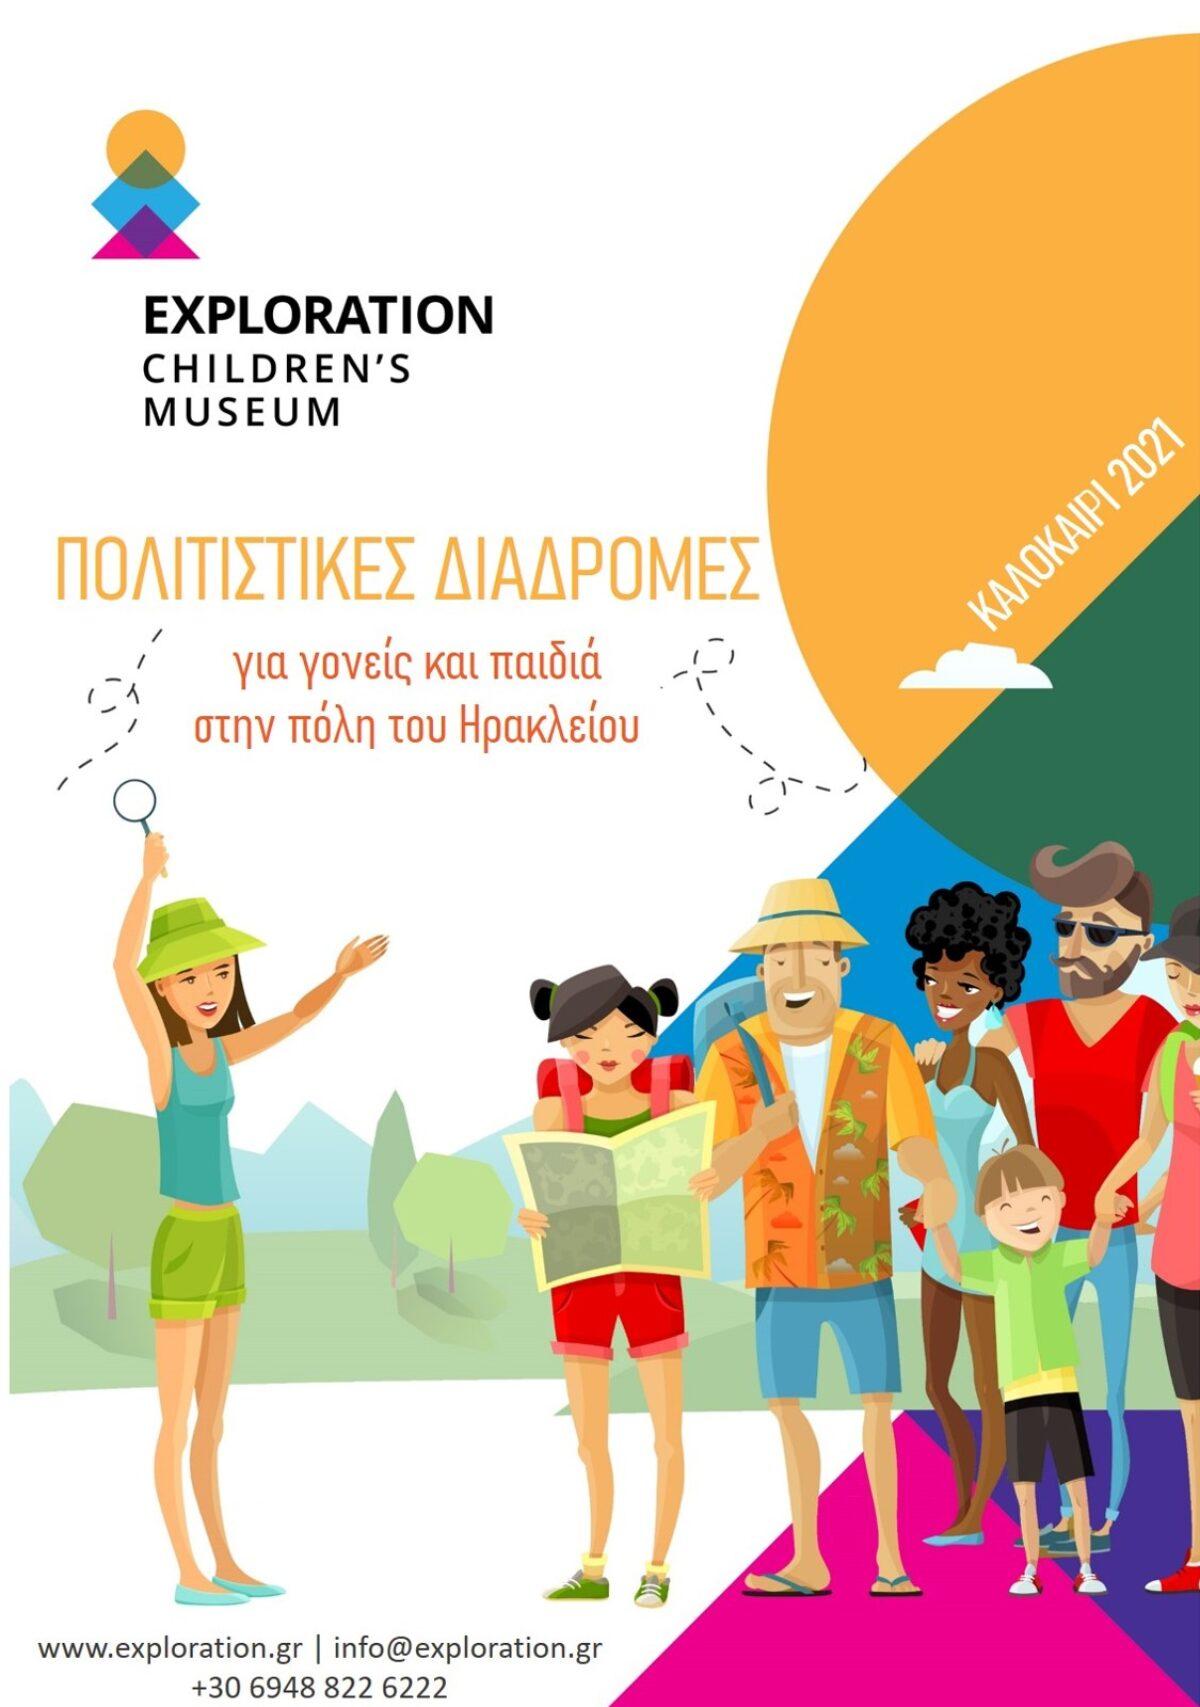 Καλοκαίρι στην πόλη μαζί με το Παιδικό Μουσείο Exploration!